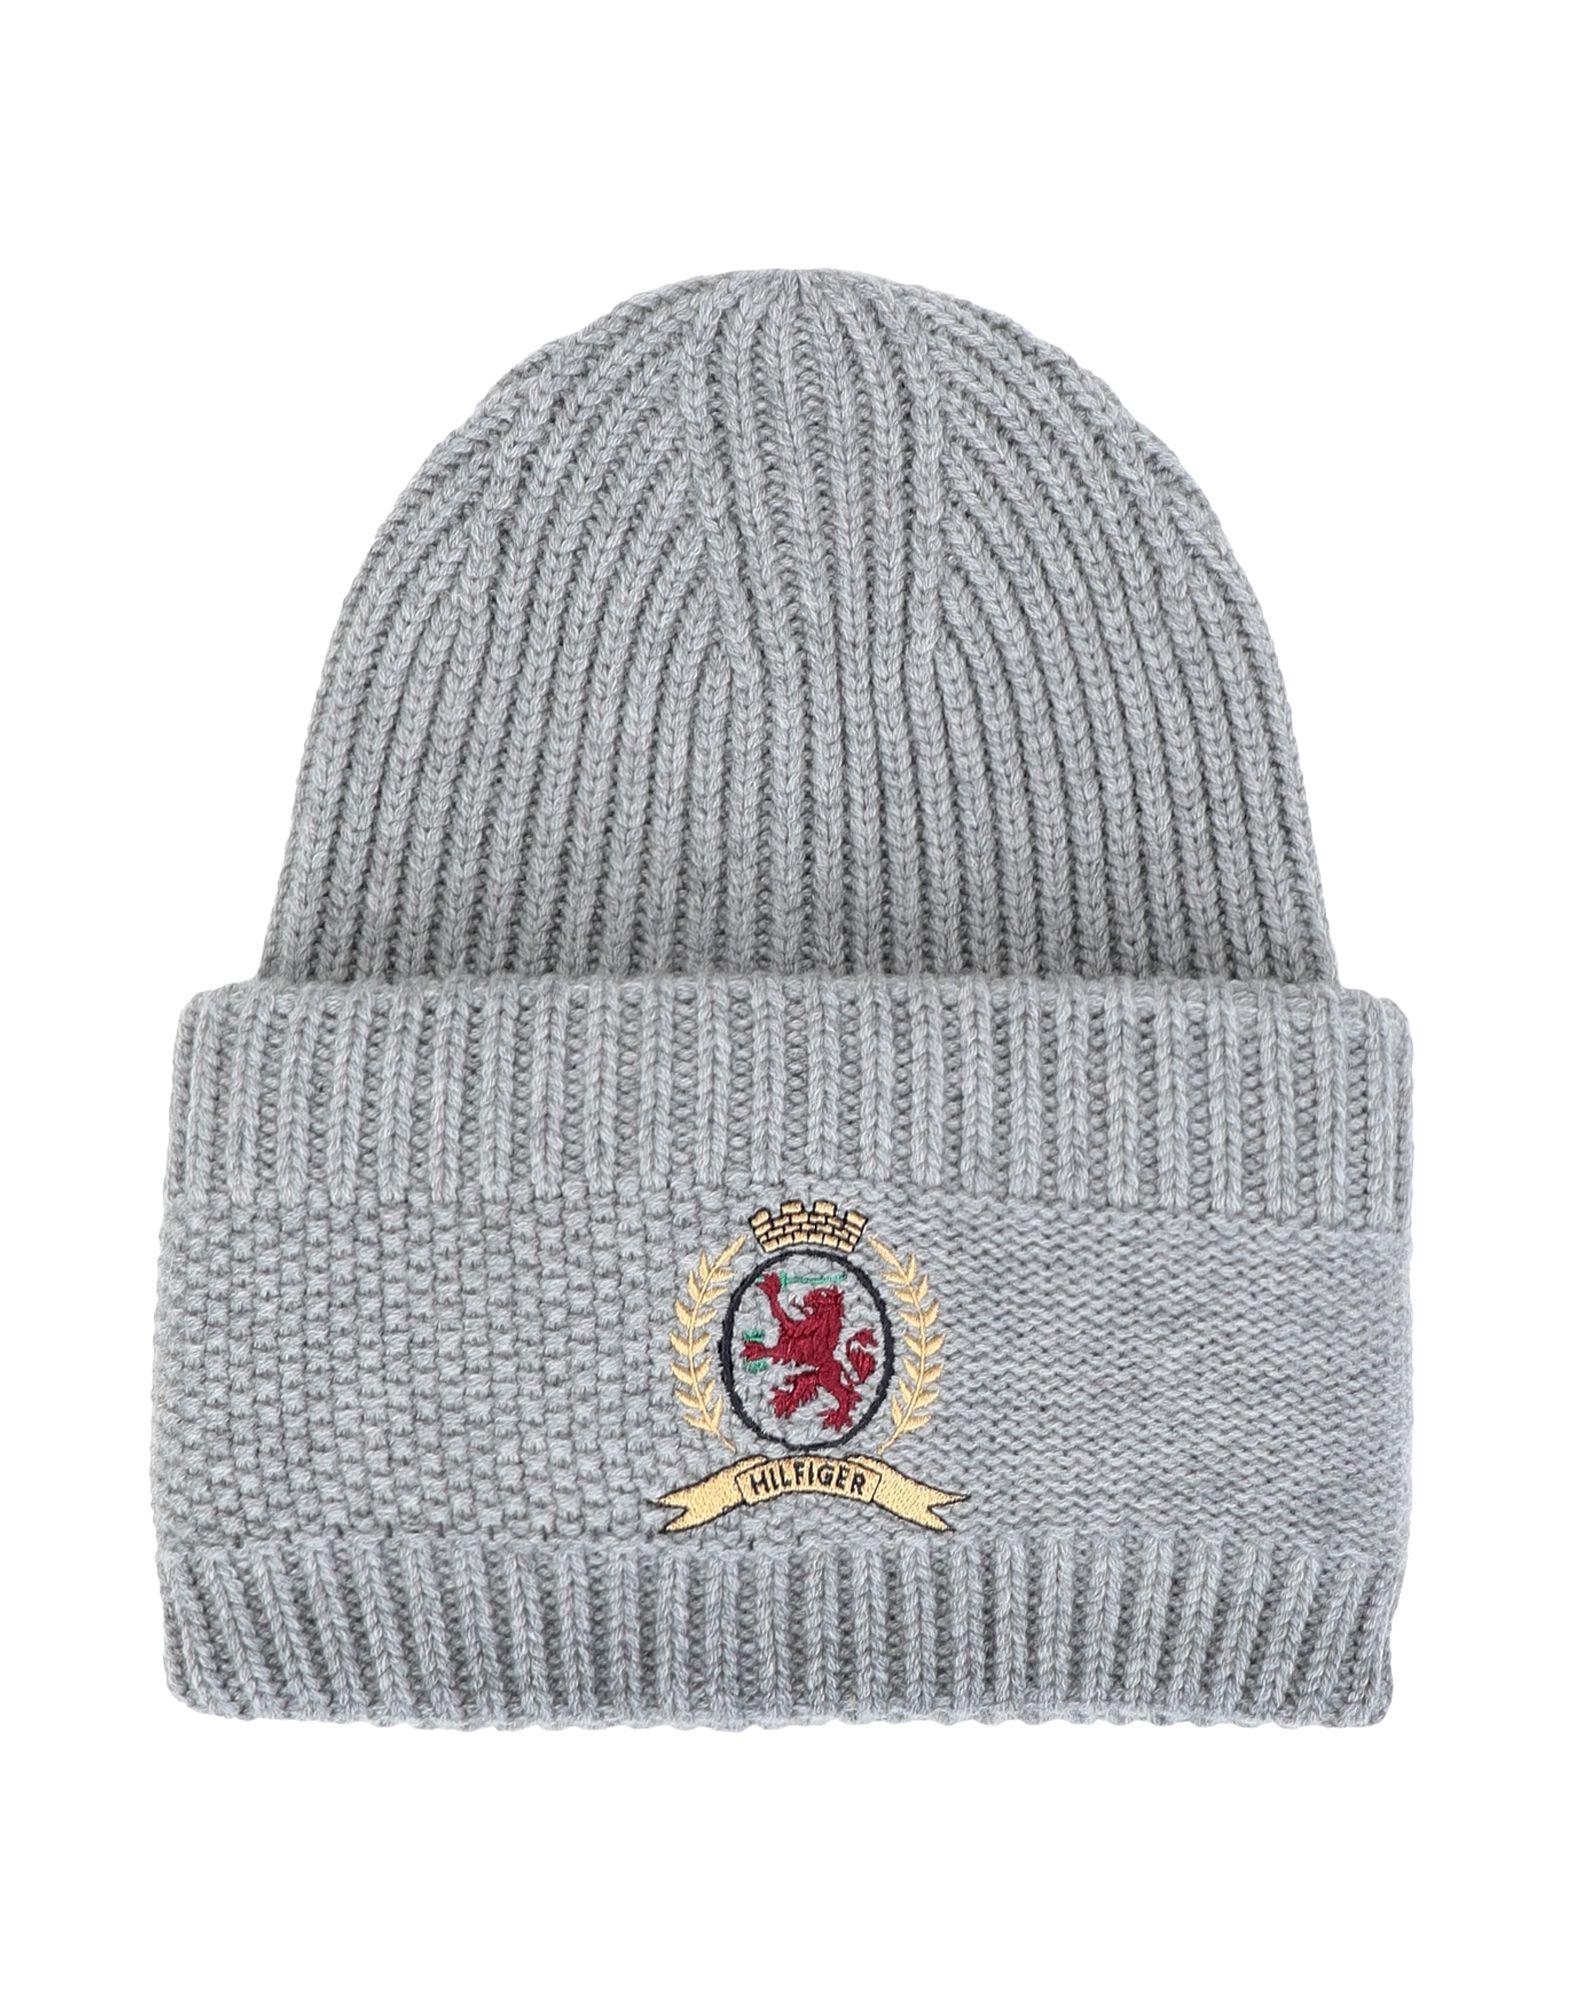 《セール開催中》HILFIGER COLLECTION レディース 帽子 グレー one size ウール 90% / カシミヤ 10% HCW CREST CLASSIC KNITTED HAT